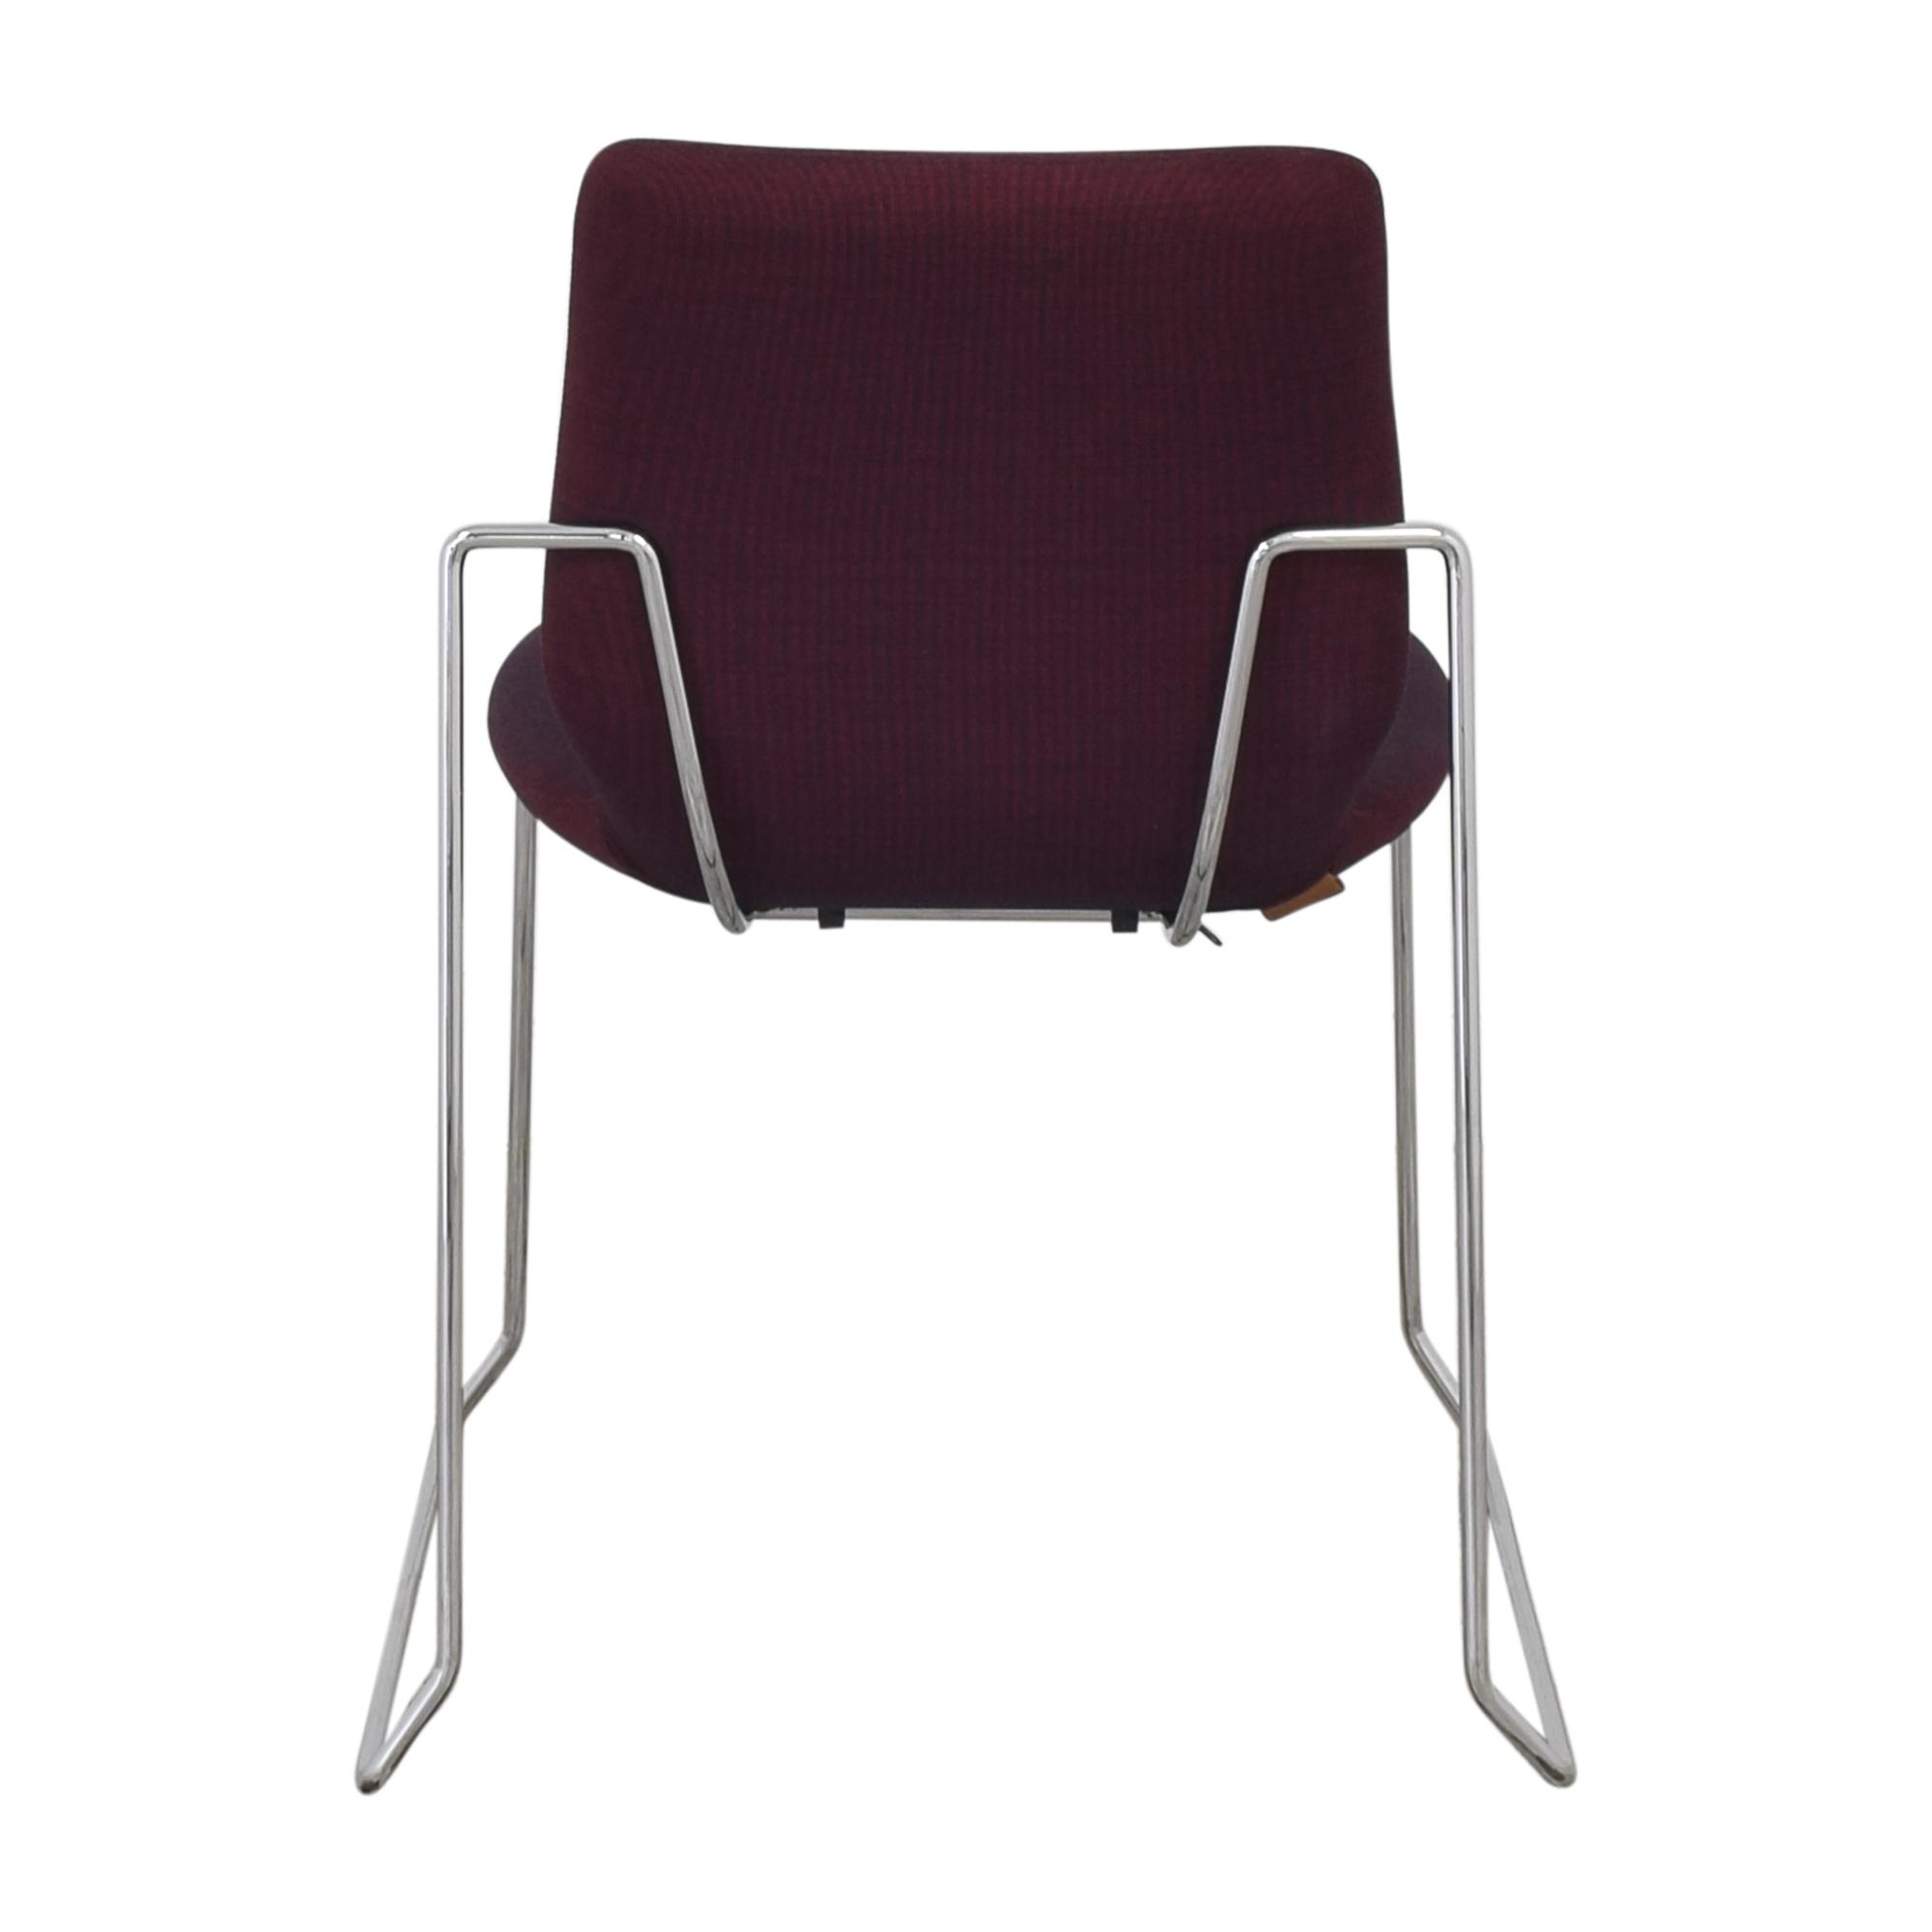 Koleksiyon Koleksiyon Asanda Armless Chair red and black